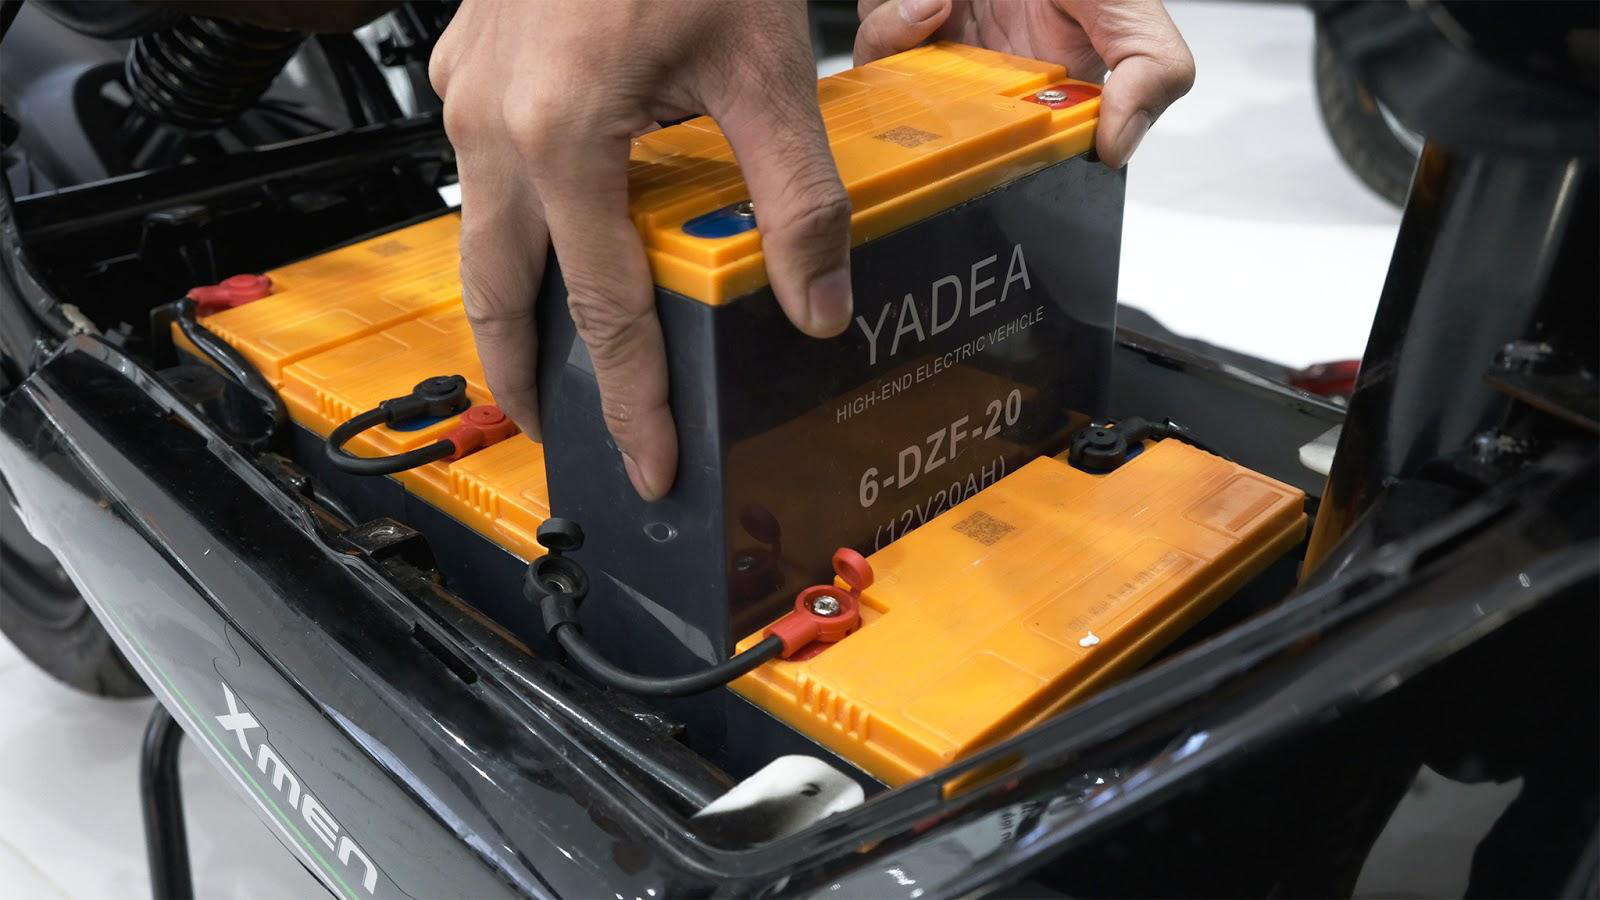 """Không chỉ nhiều ưu đãi, YADEA còn gửi thông điệp ý nghĩa với chương trình """"1 năm cùng YADEA vượt ngàn dặm xanh"""" - Ảnh 4."""